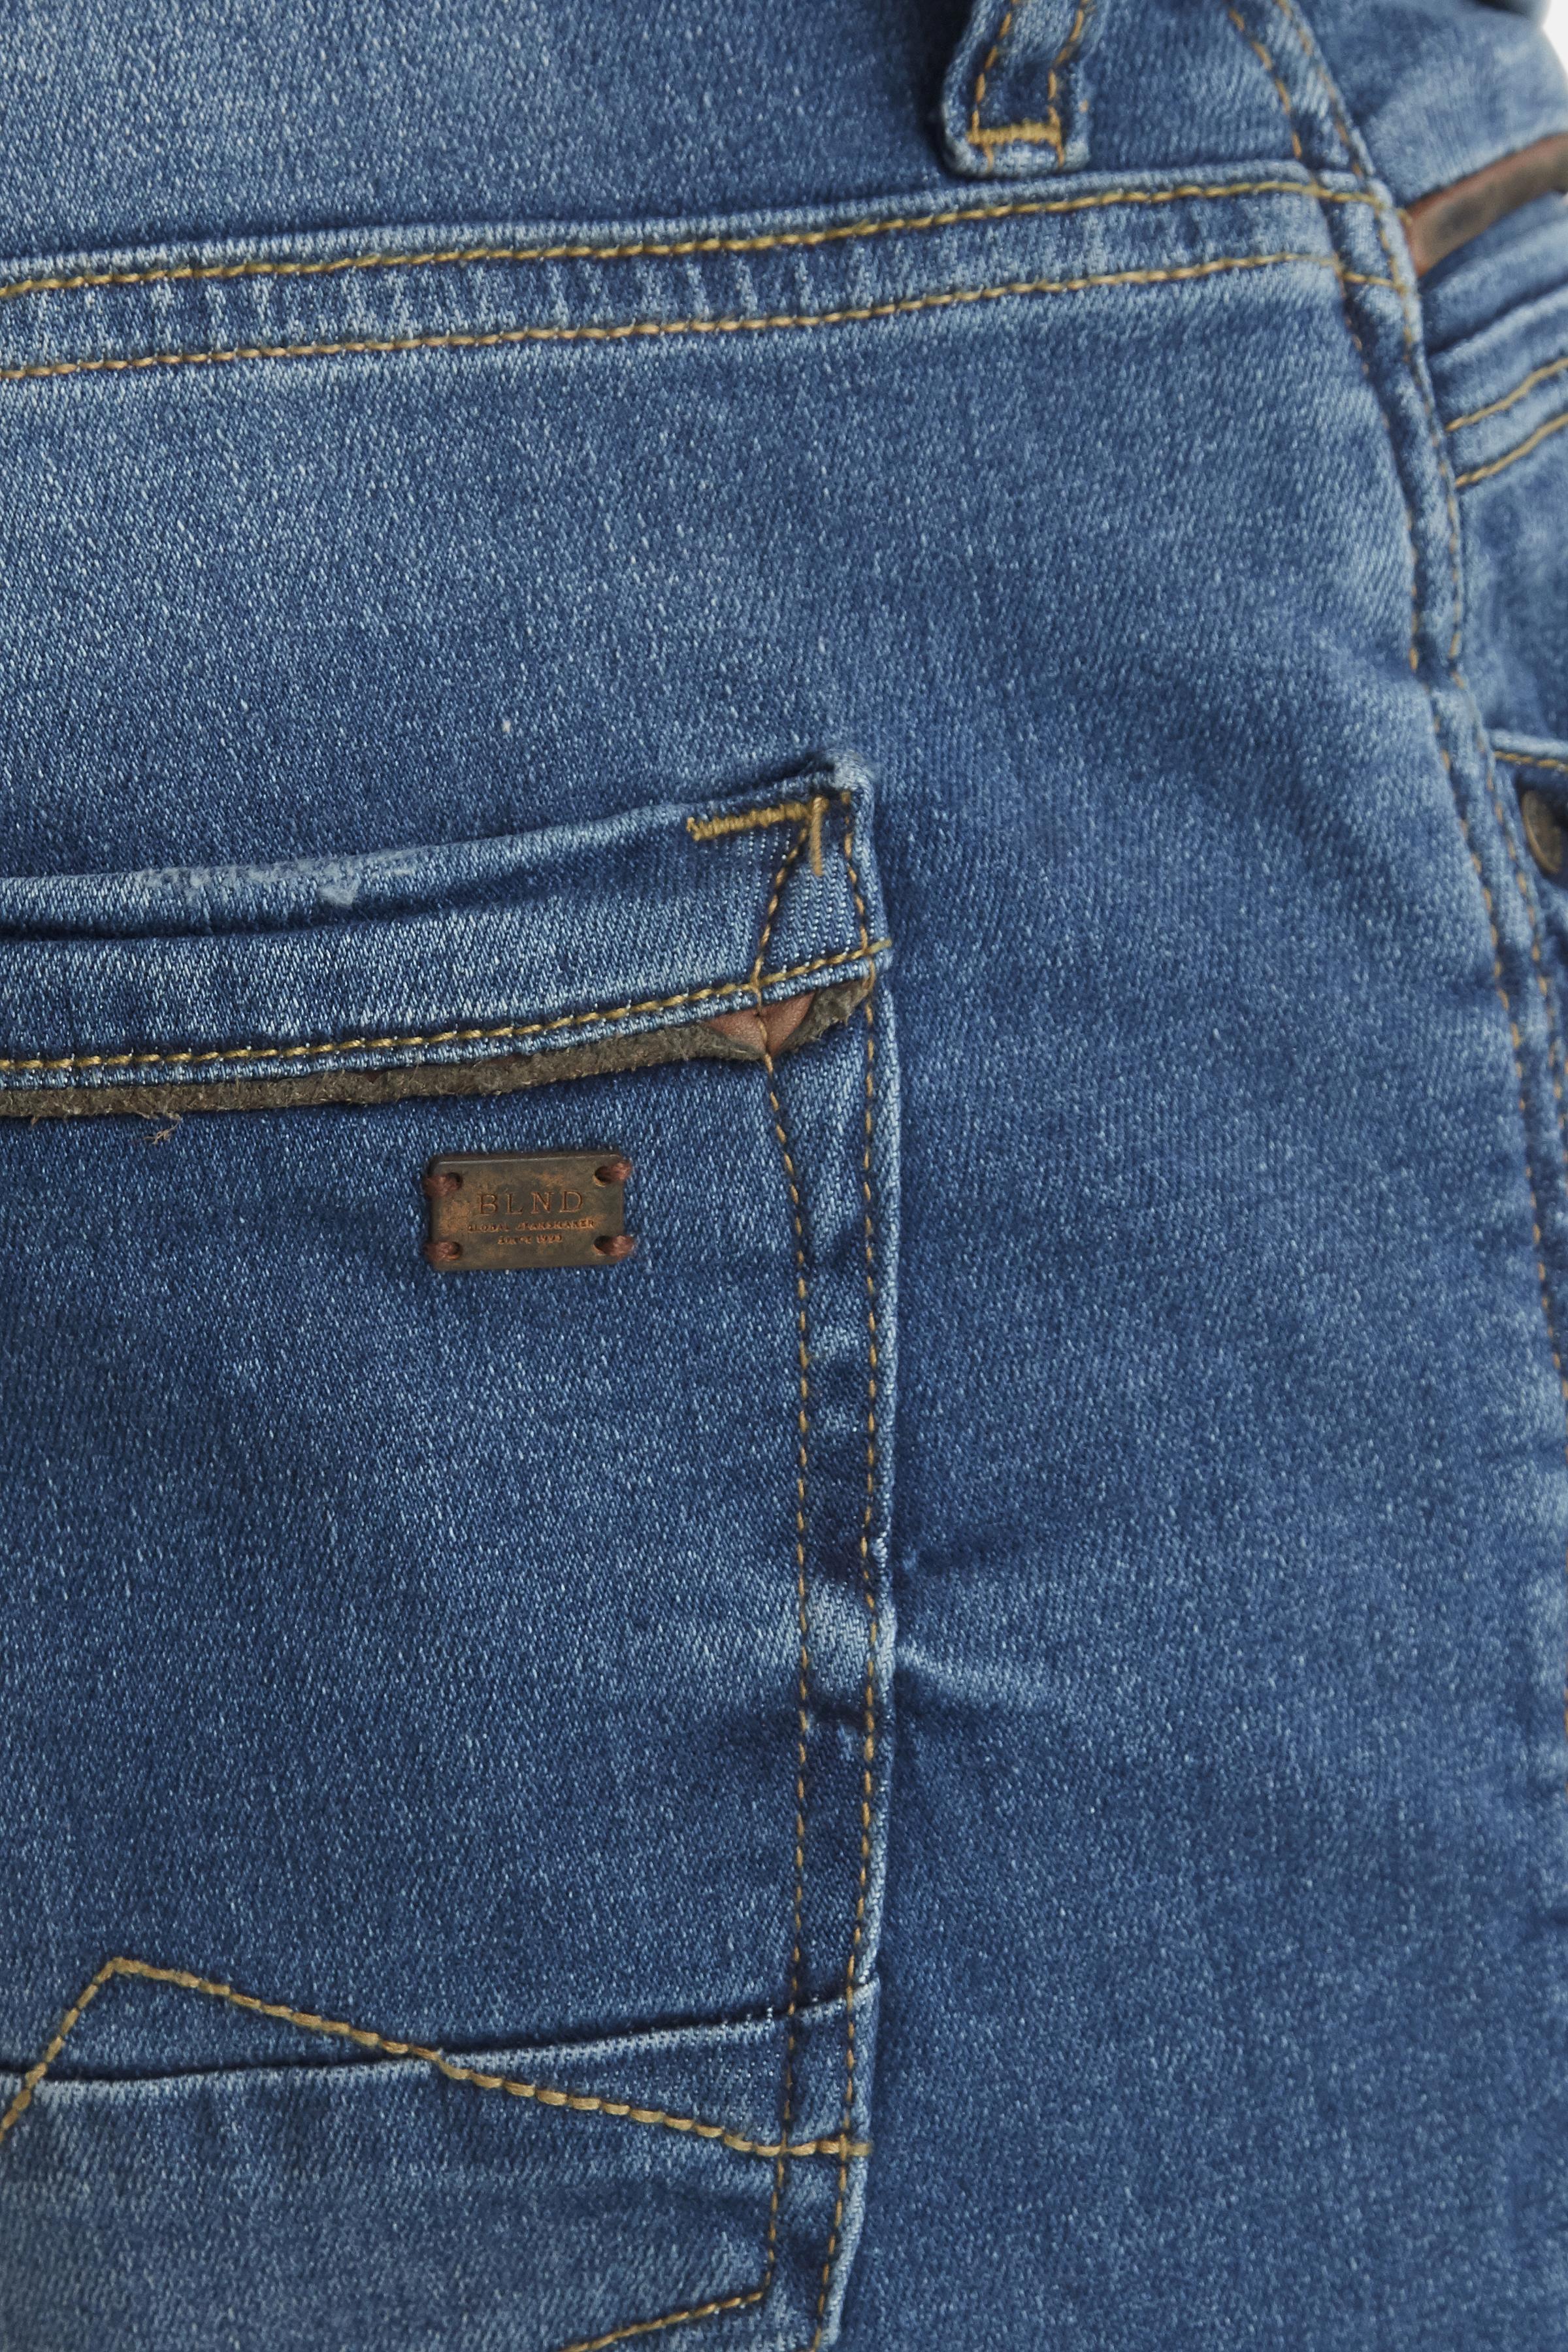 Denim Middle blue Twister jeans – Køb Denim Middle blue Twister jeans fra str. 29-40 her